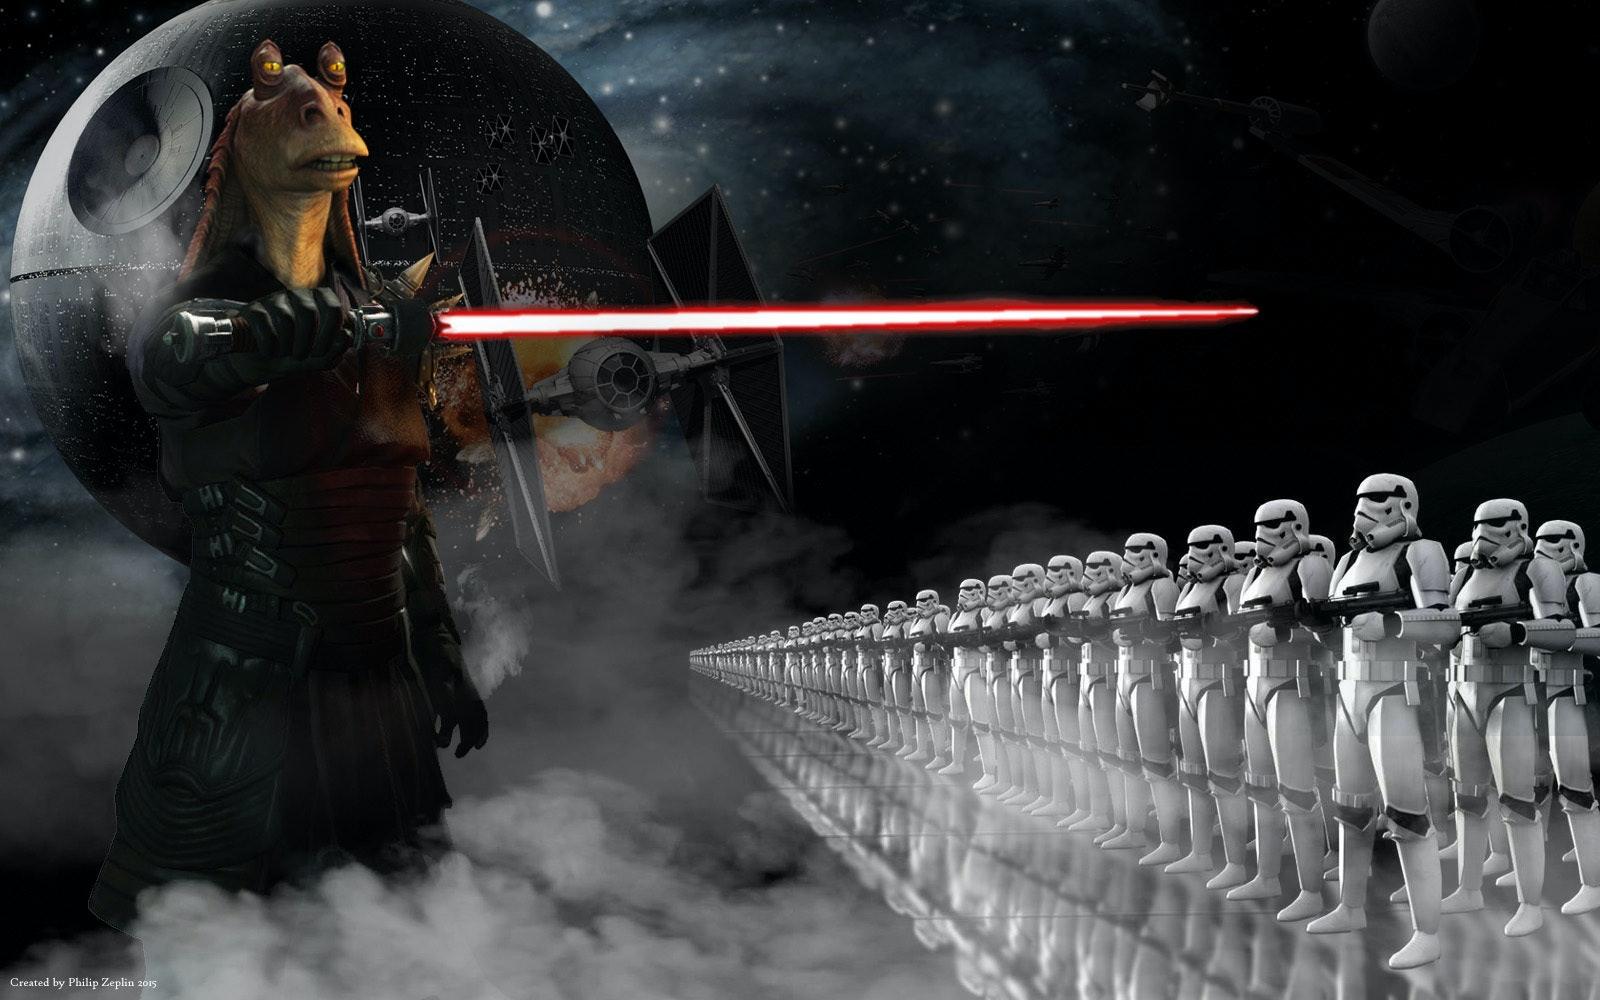 How Jar Jar Binks Continues To Unite Star Wars Fandom